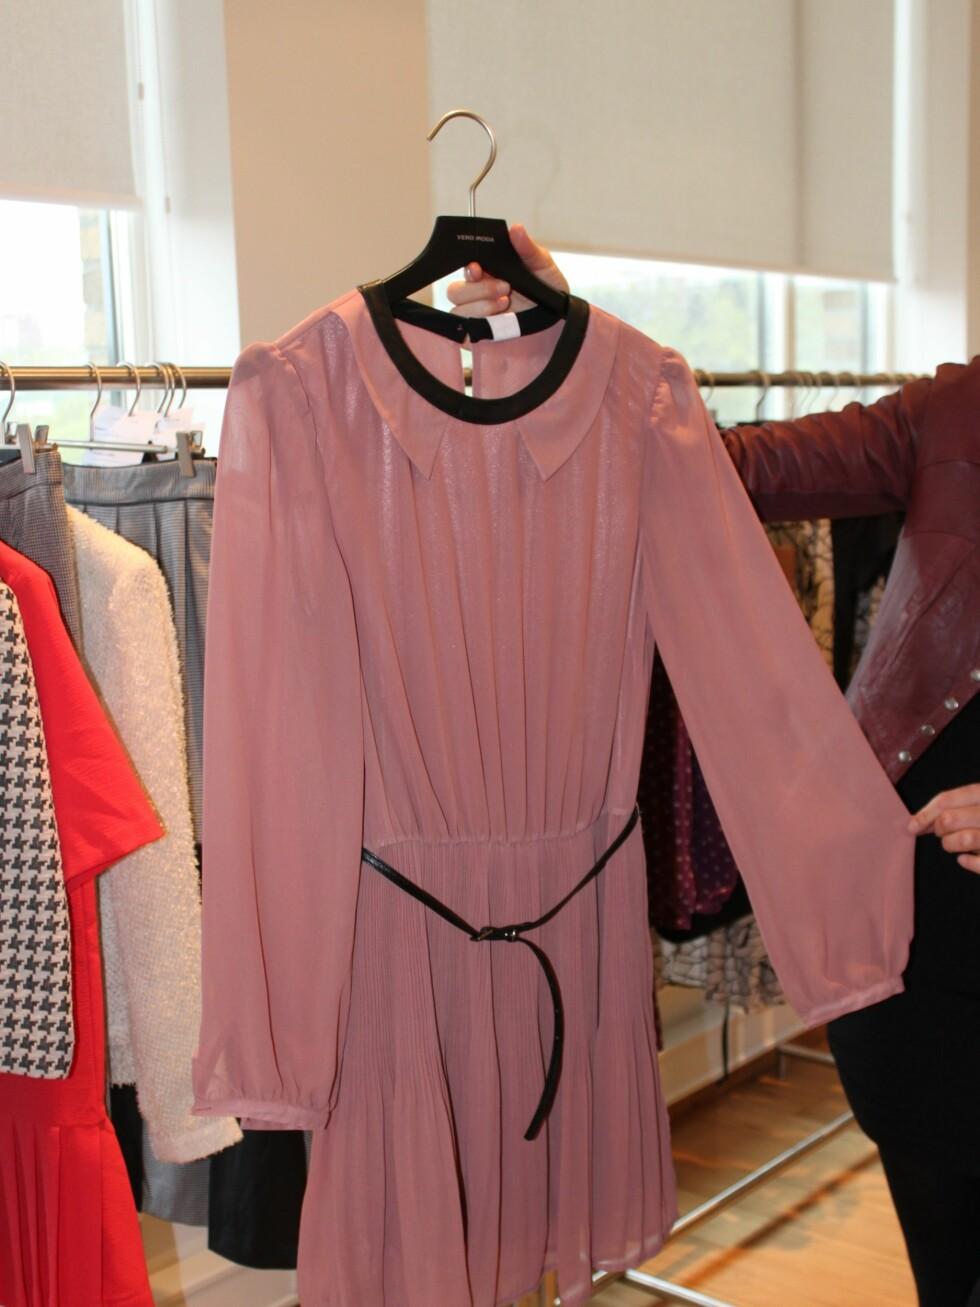 Søt chiffon rockes opp med detaljer i skinn, som kragen og beltet på denne yndige kjolen.  Foto: Tone Ruud Engen